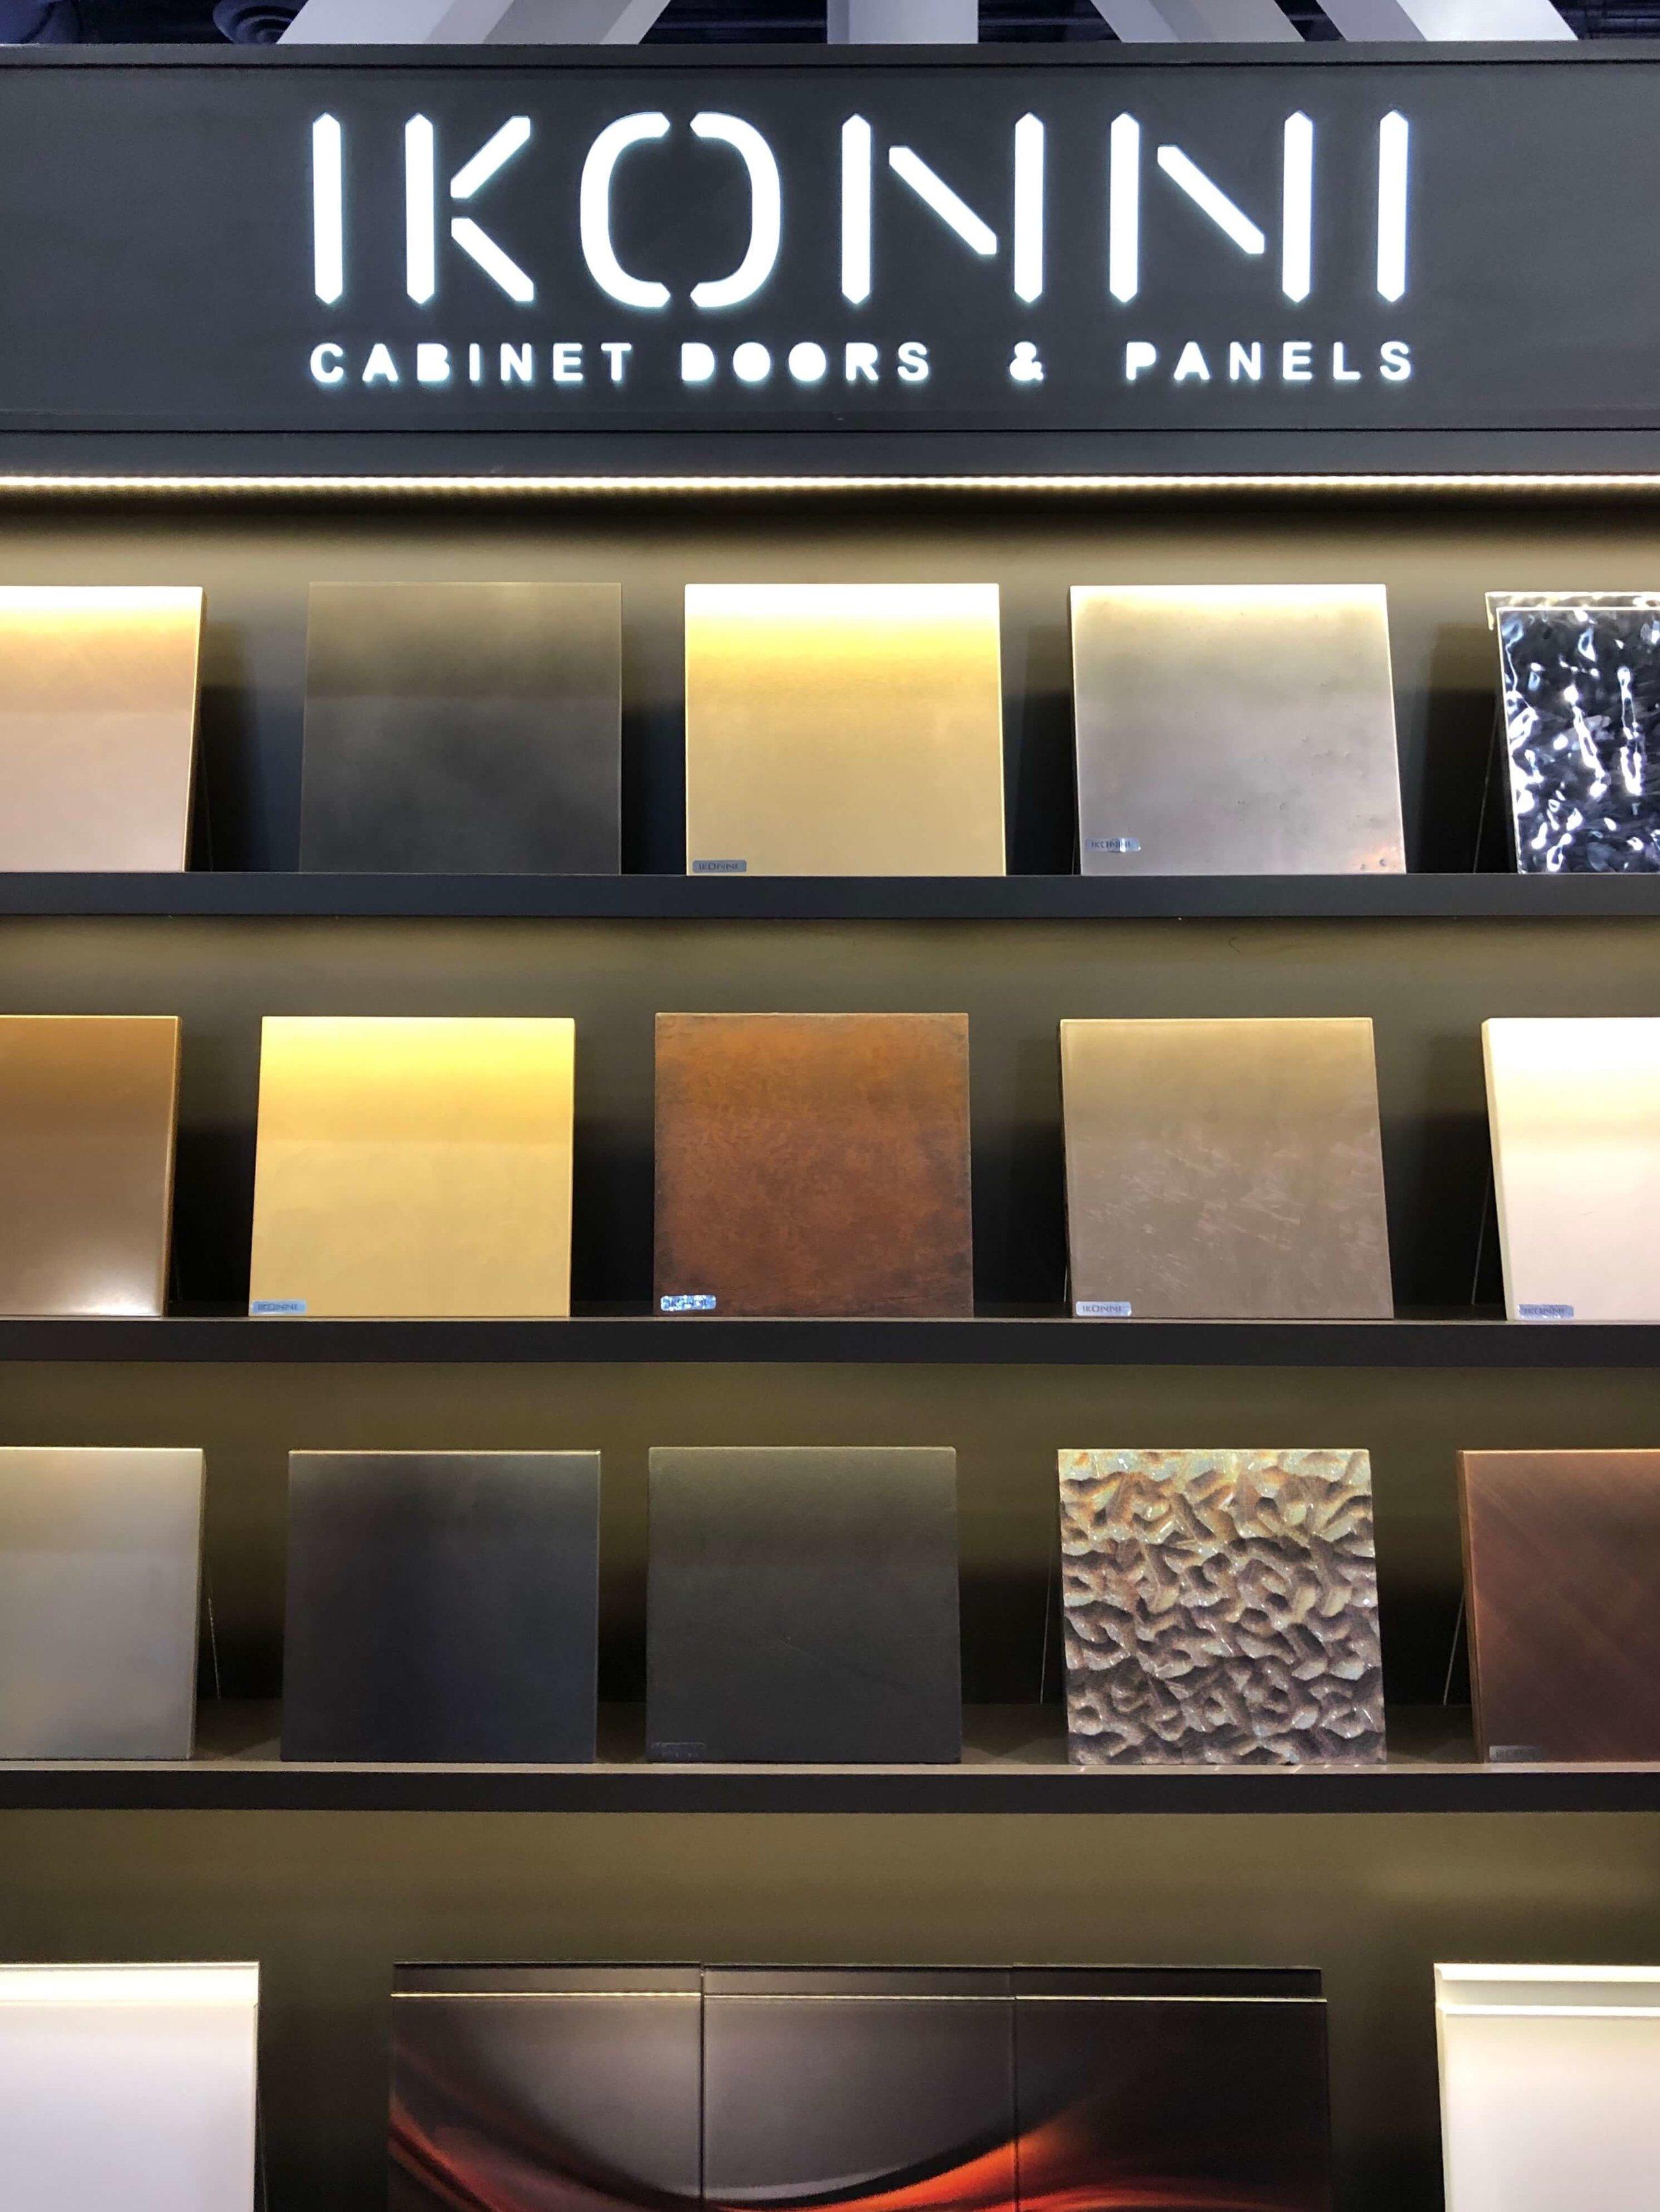 Metal cabinet door options | KBIS 2019 Surfaces Trends